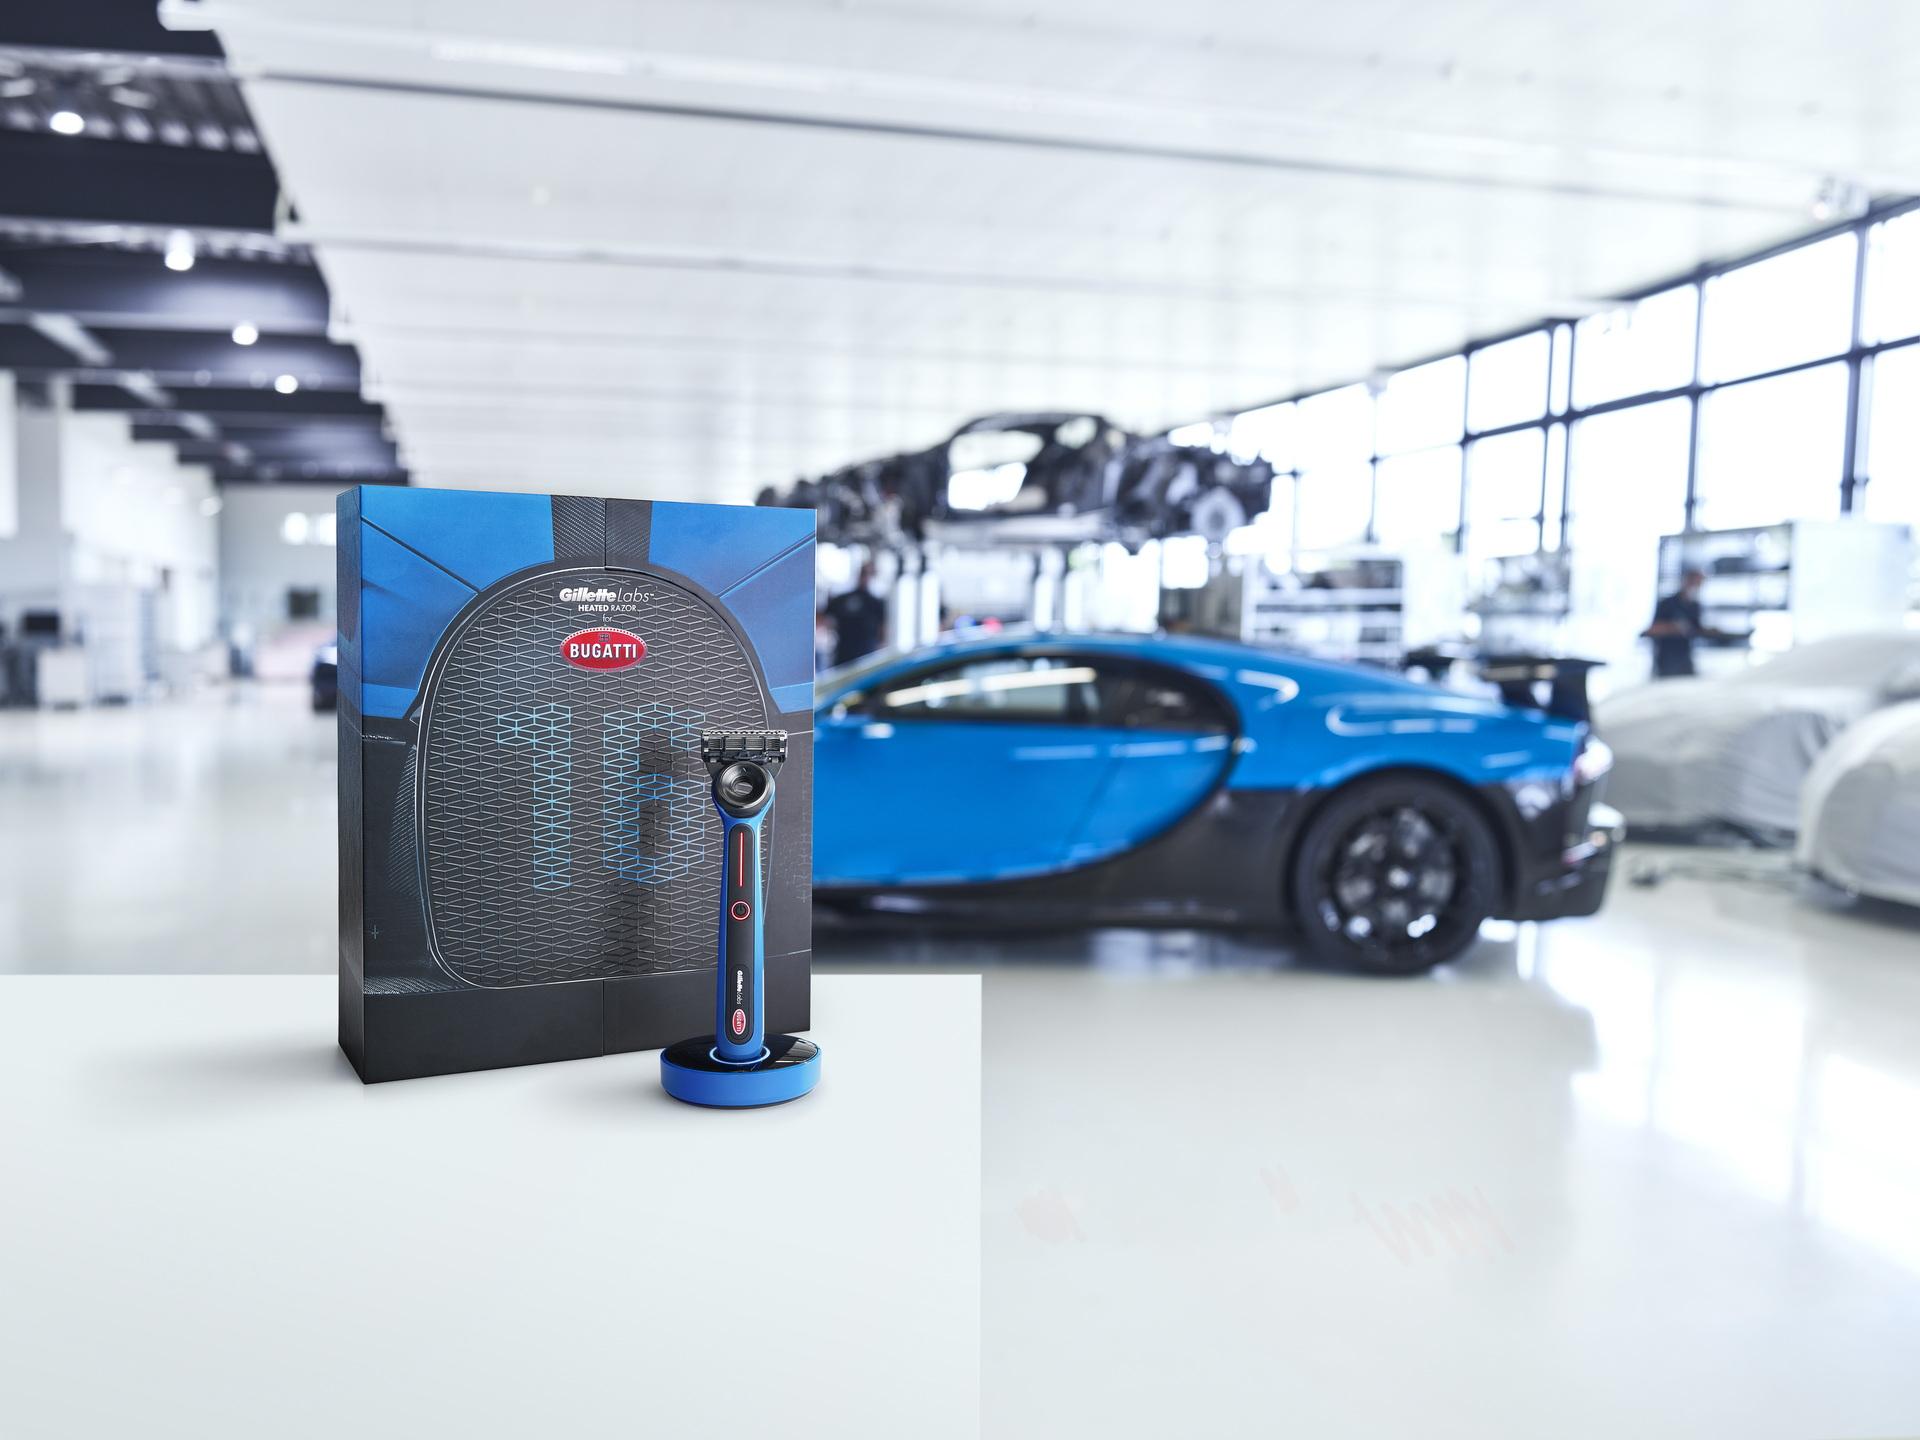 Bugatti-Gillette-Heated-Razor-6